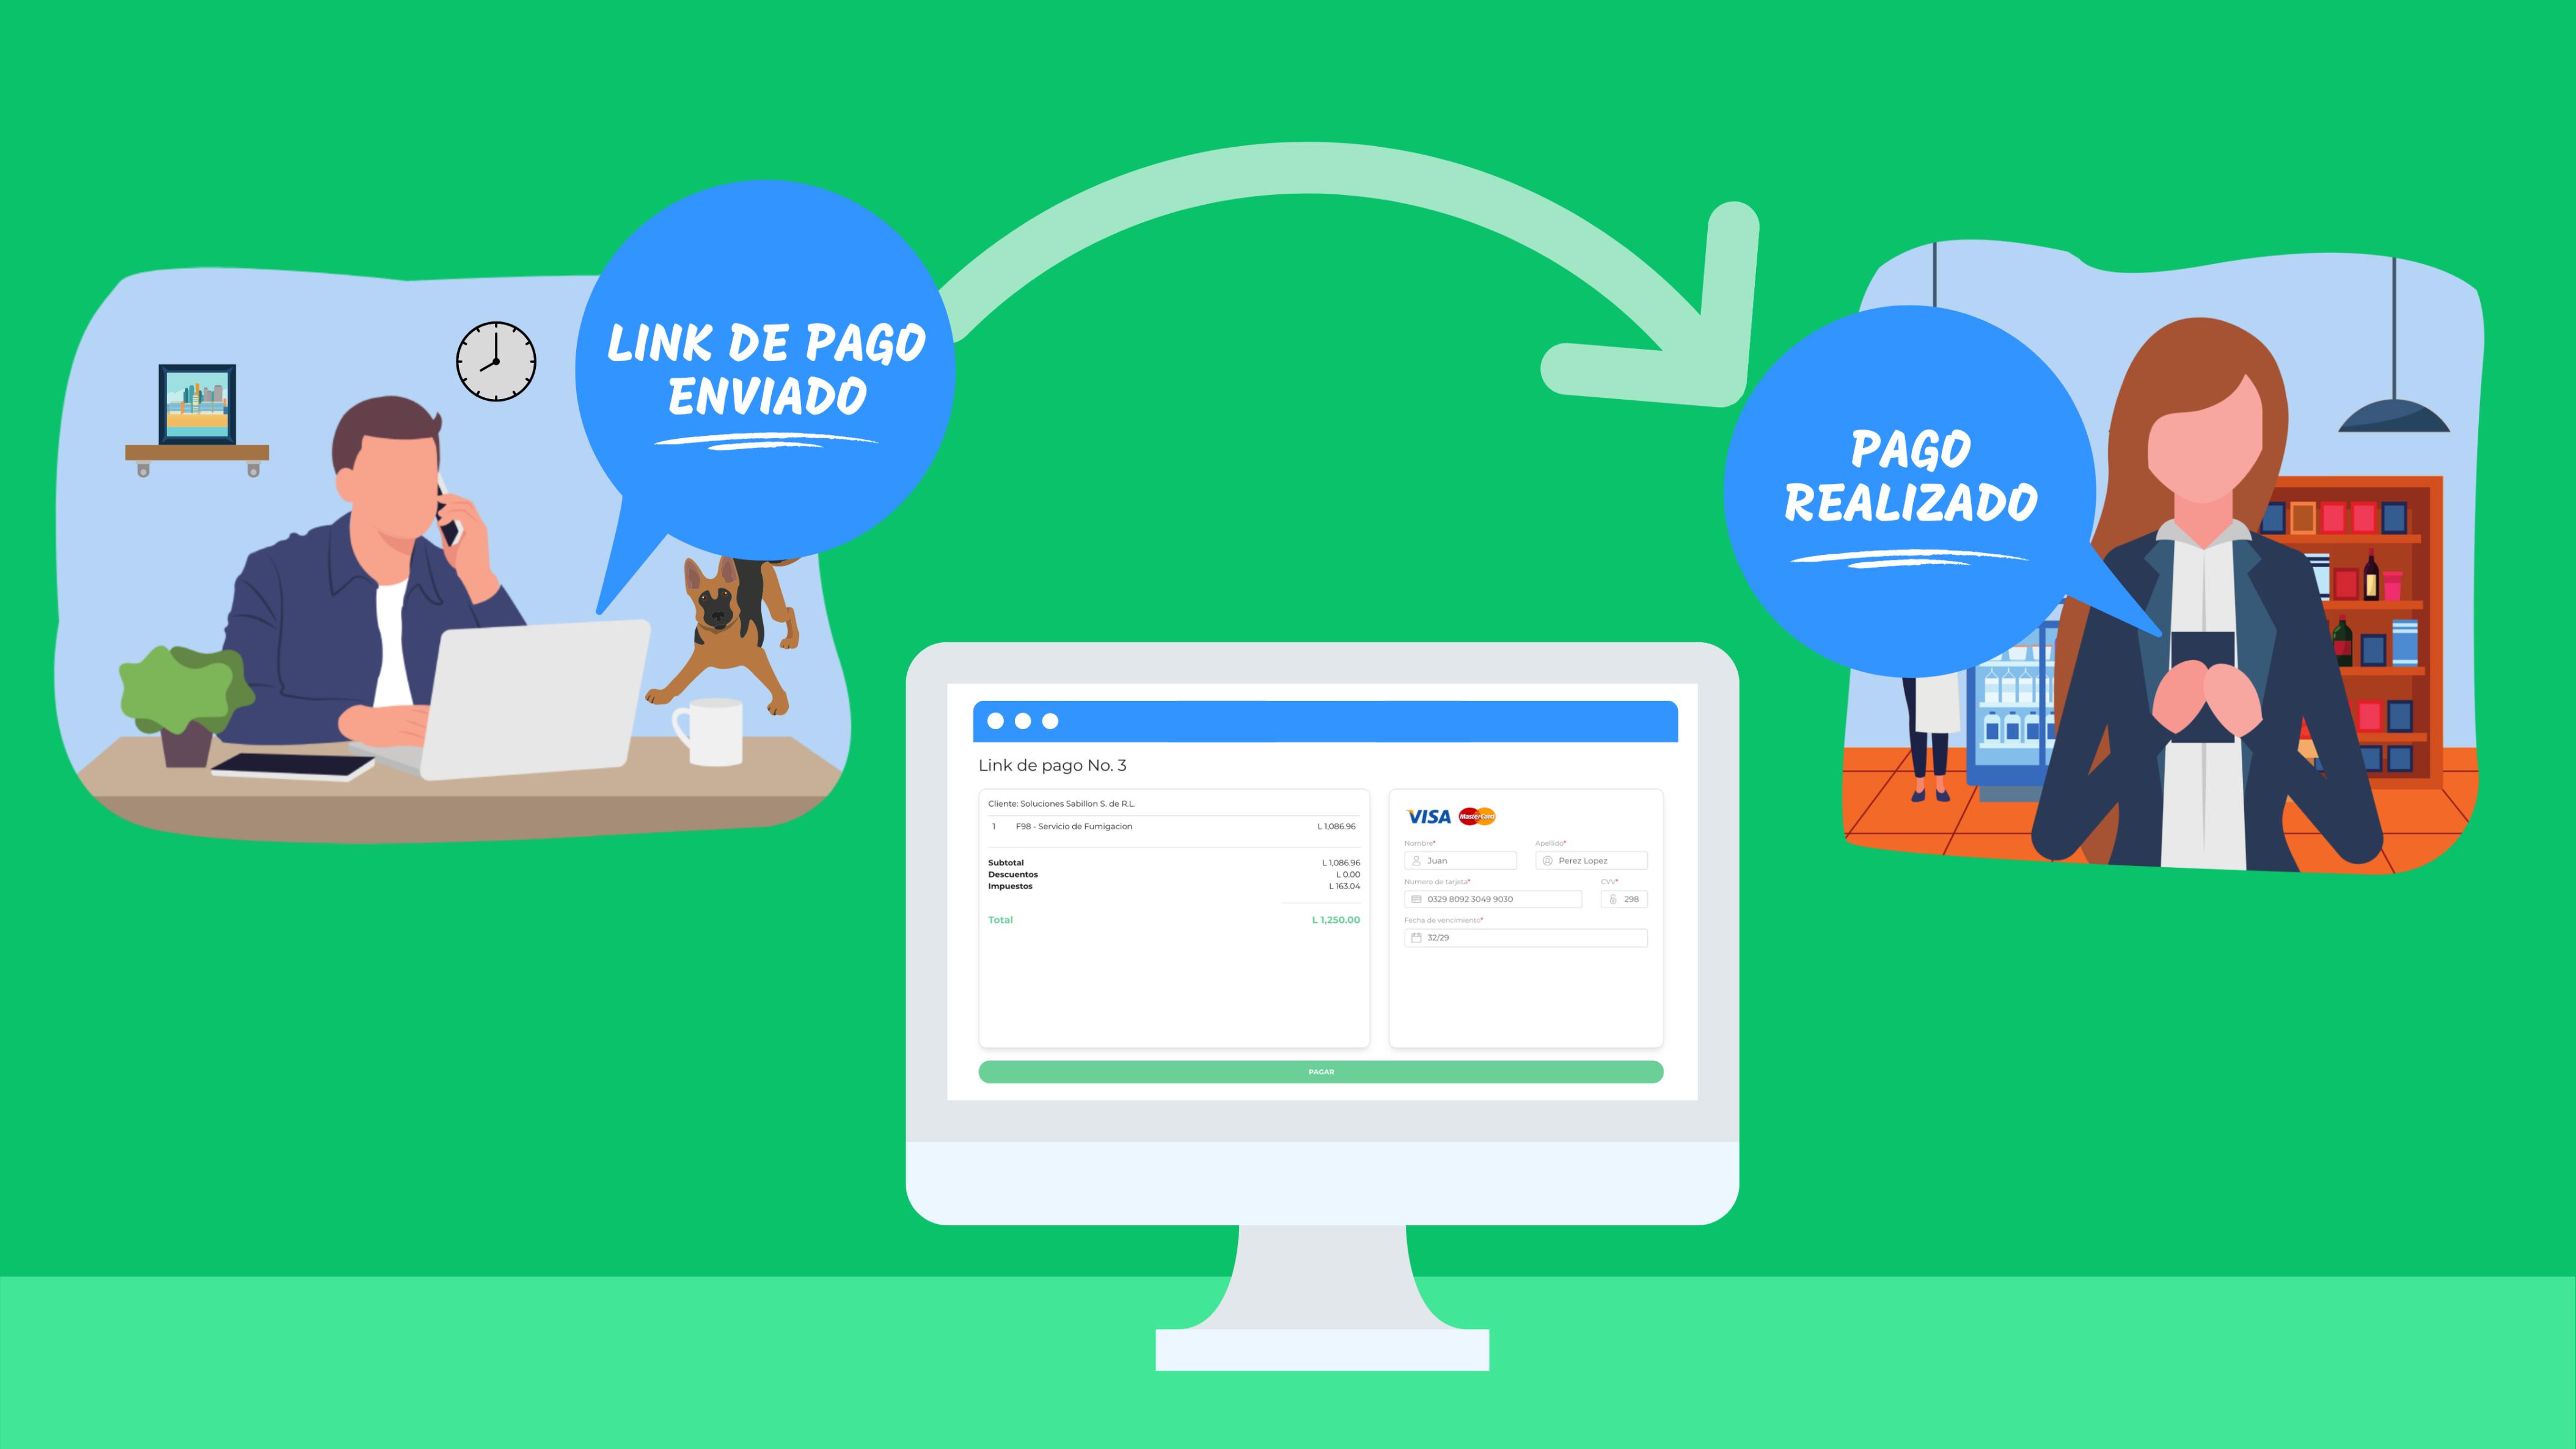 Nuevo Plan: CloudBiz Lite, factura y recibe pagos online desde casa